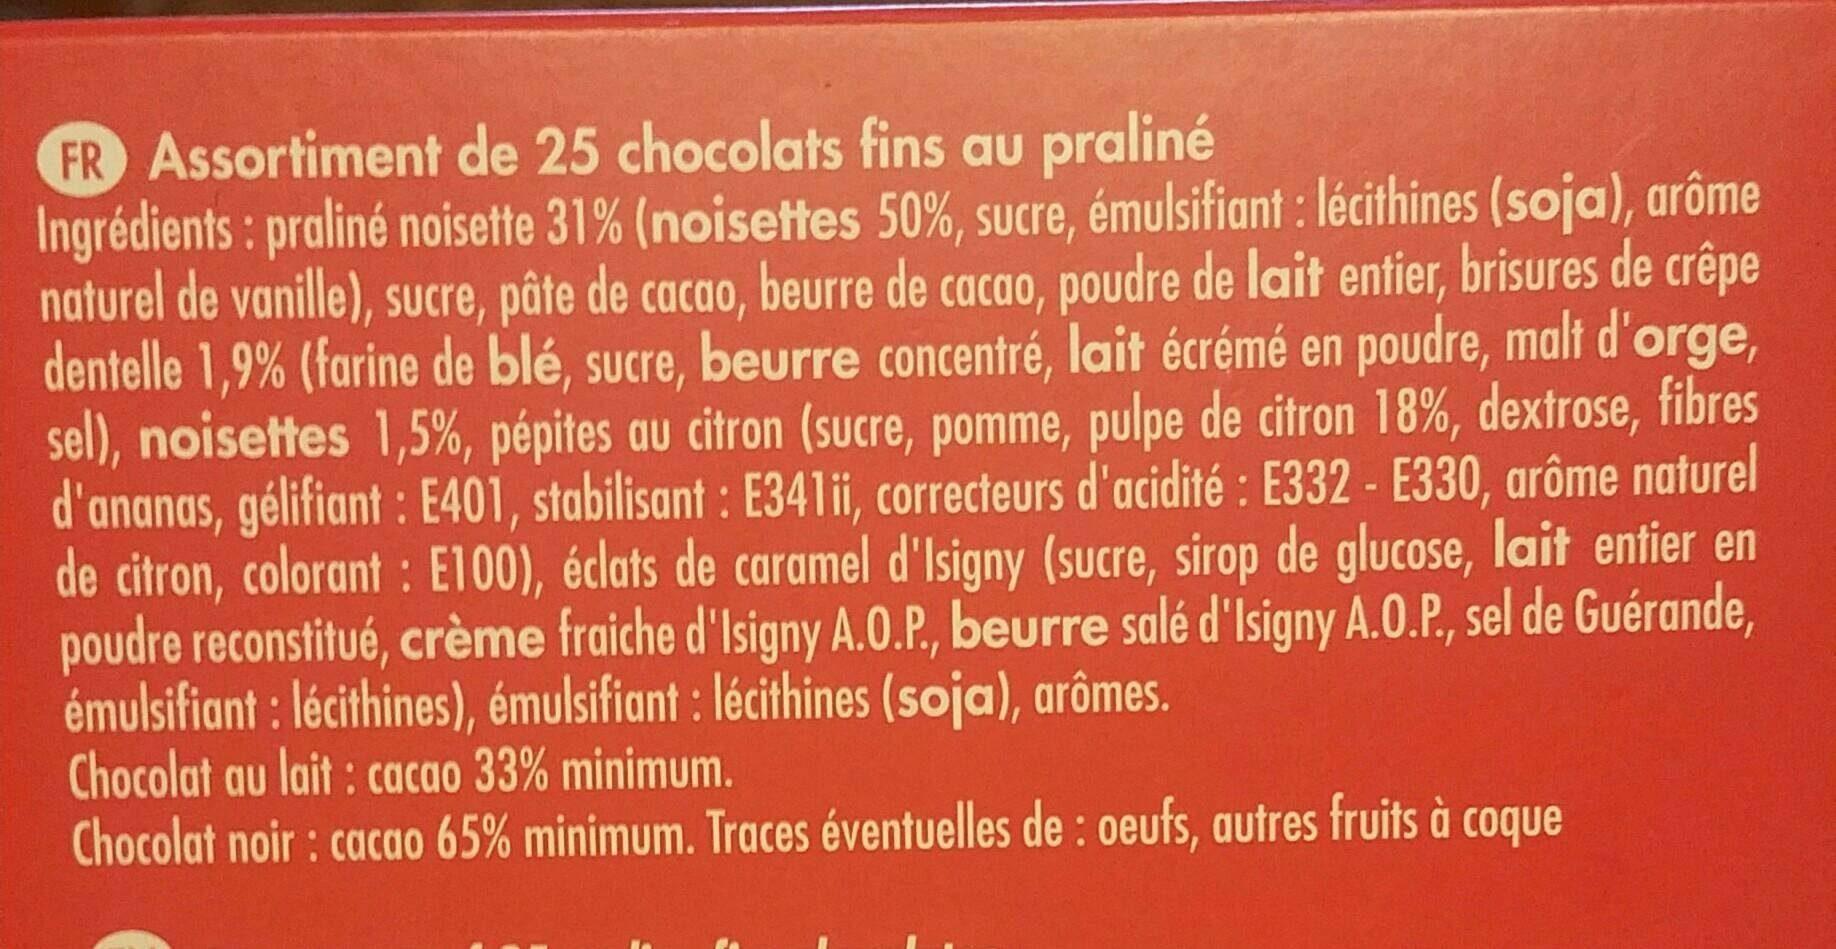 Chocolats fins au praliné - Ingrédients